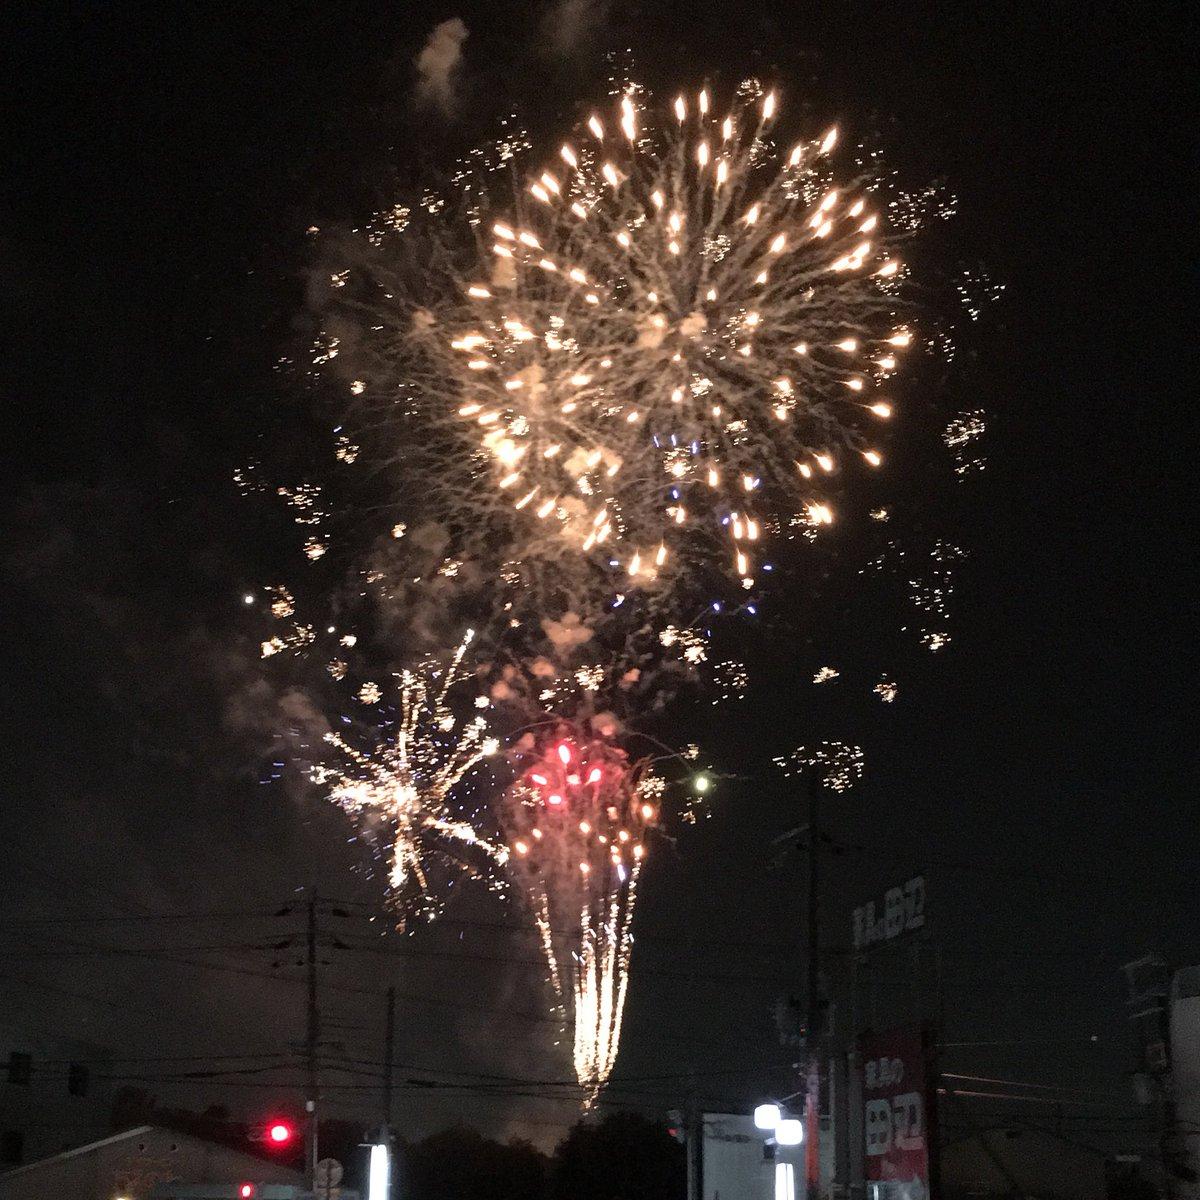 今年は花火見れた✨ 明日は淀で馬券的中の大花火を打ち上げるで!!